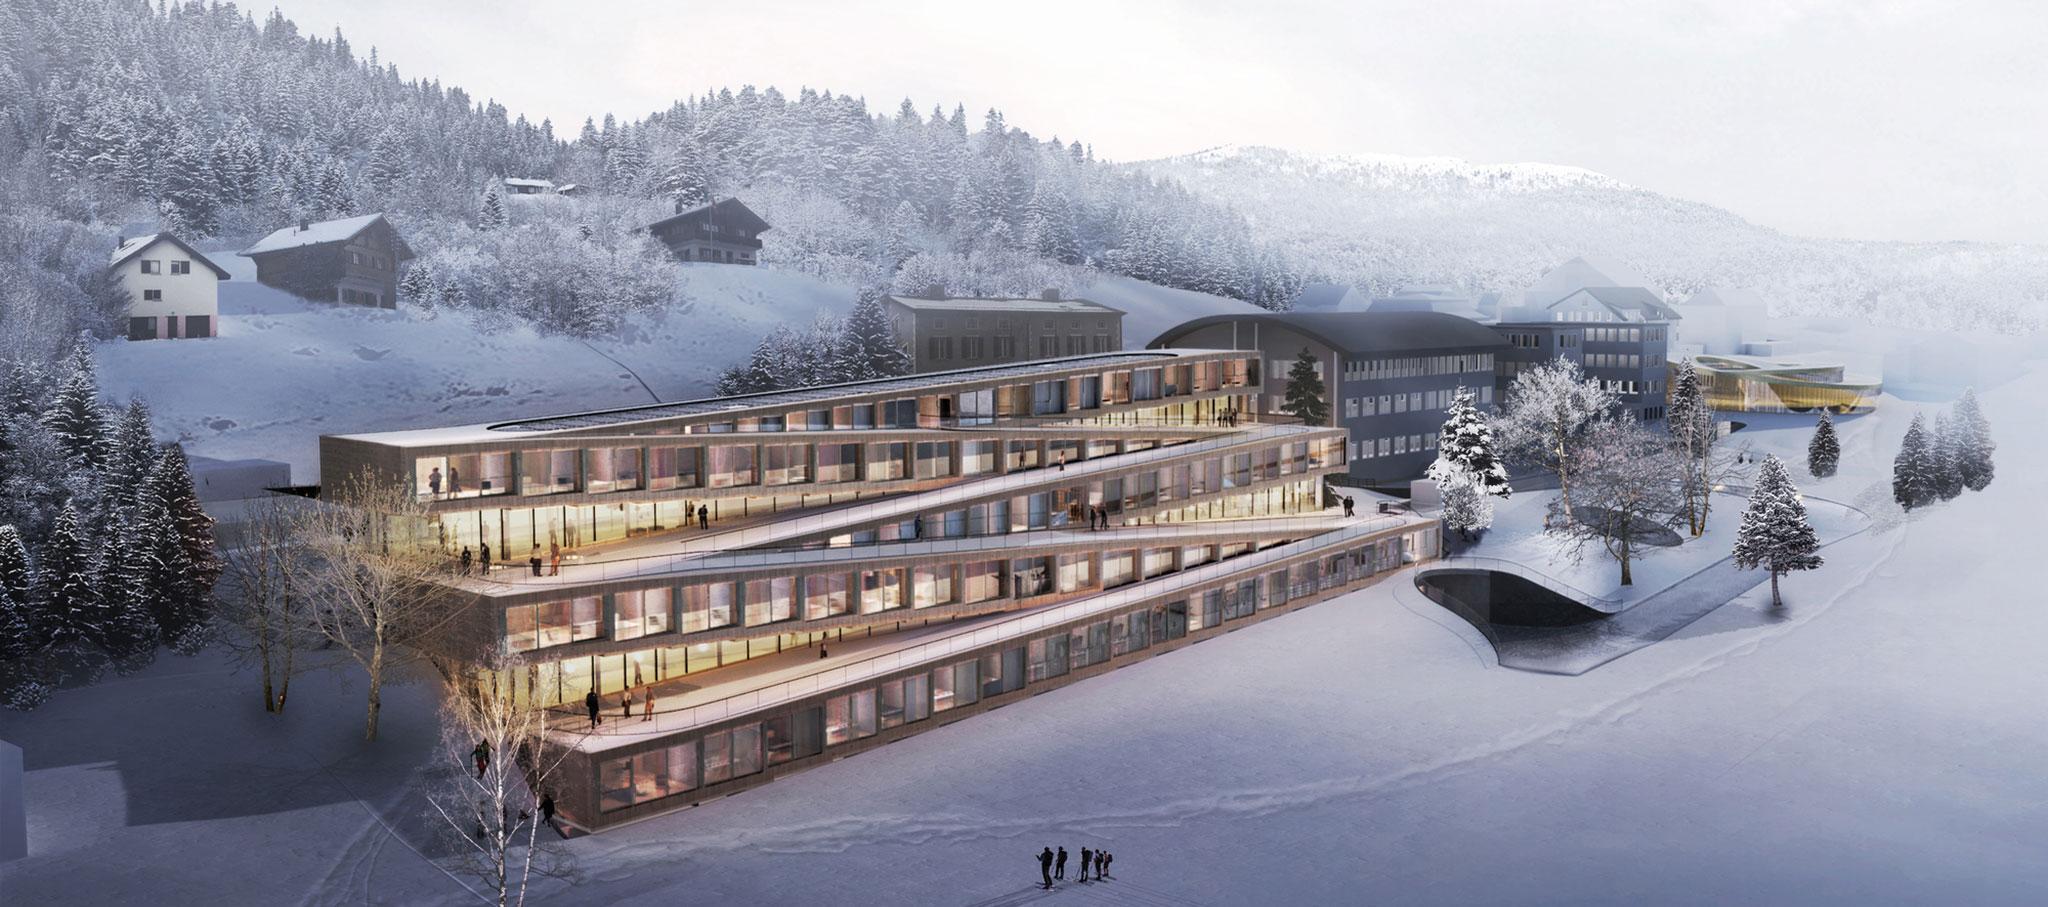 Visualización. Hotel para esquí en Zig-Zag por BIG-Bjarke Ingels Group. Cortesía de BIG-Bjarke Ingels Group